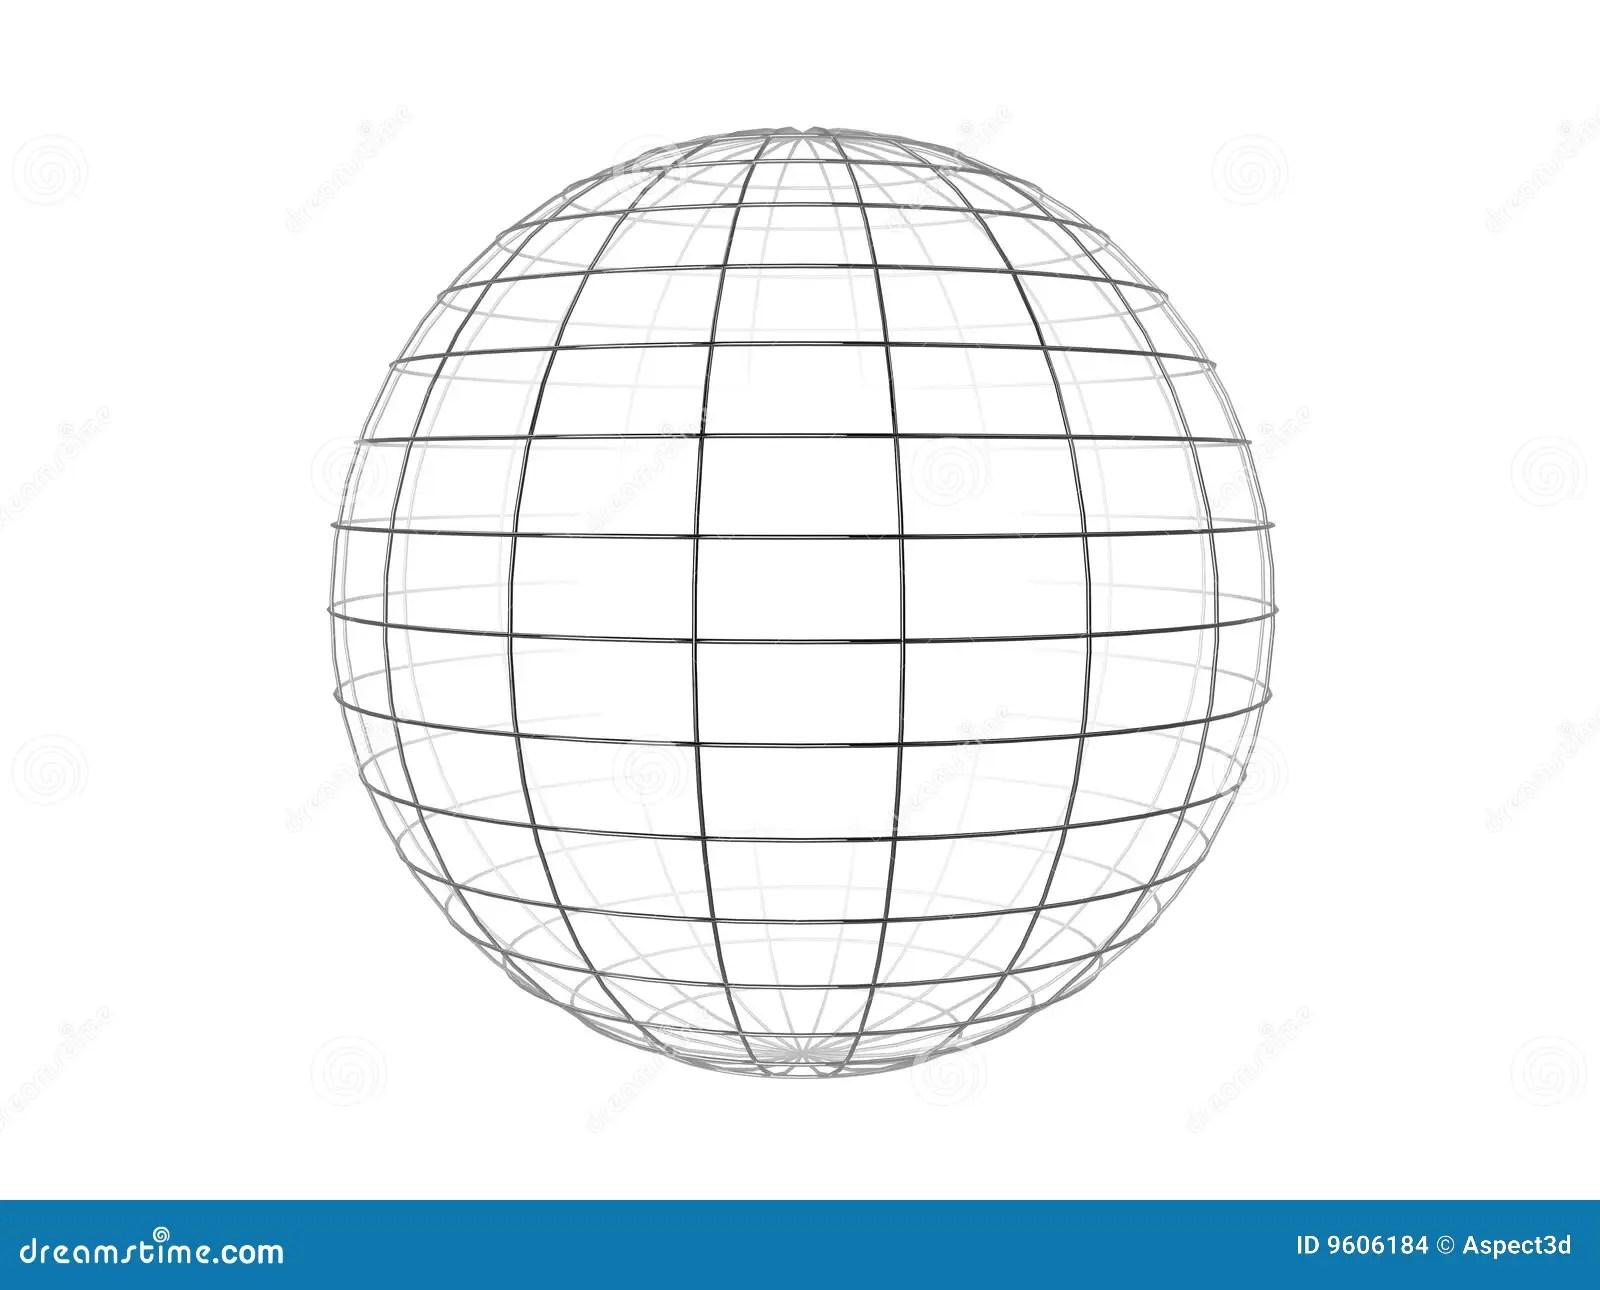 Earth Spheres Worksheet